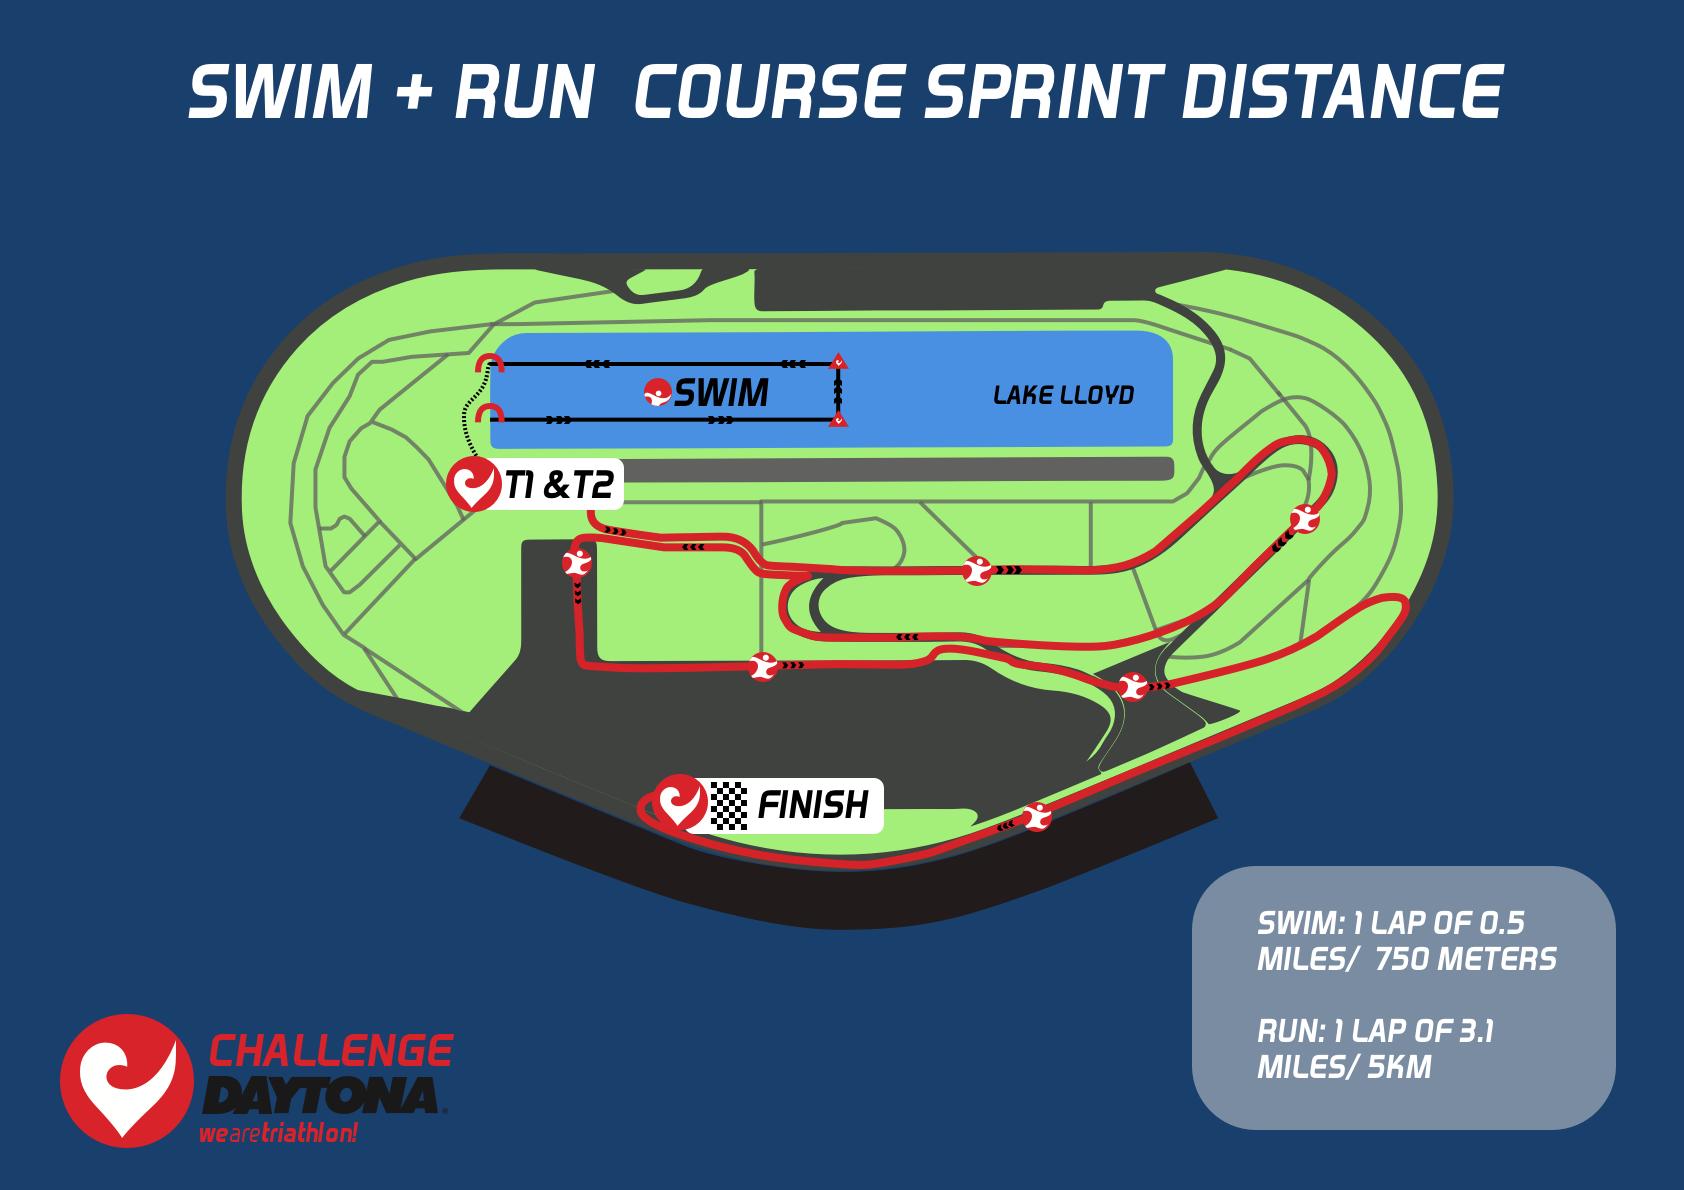 Triathlon Sprint Distance